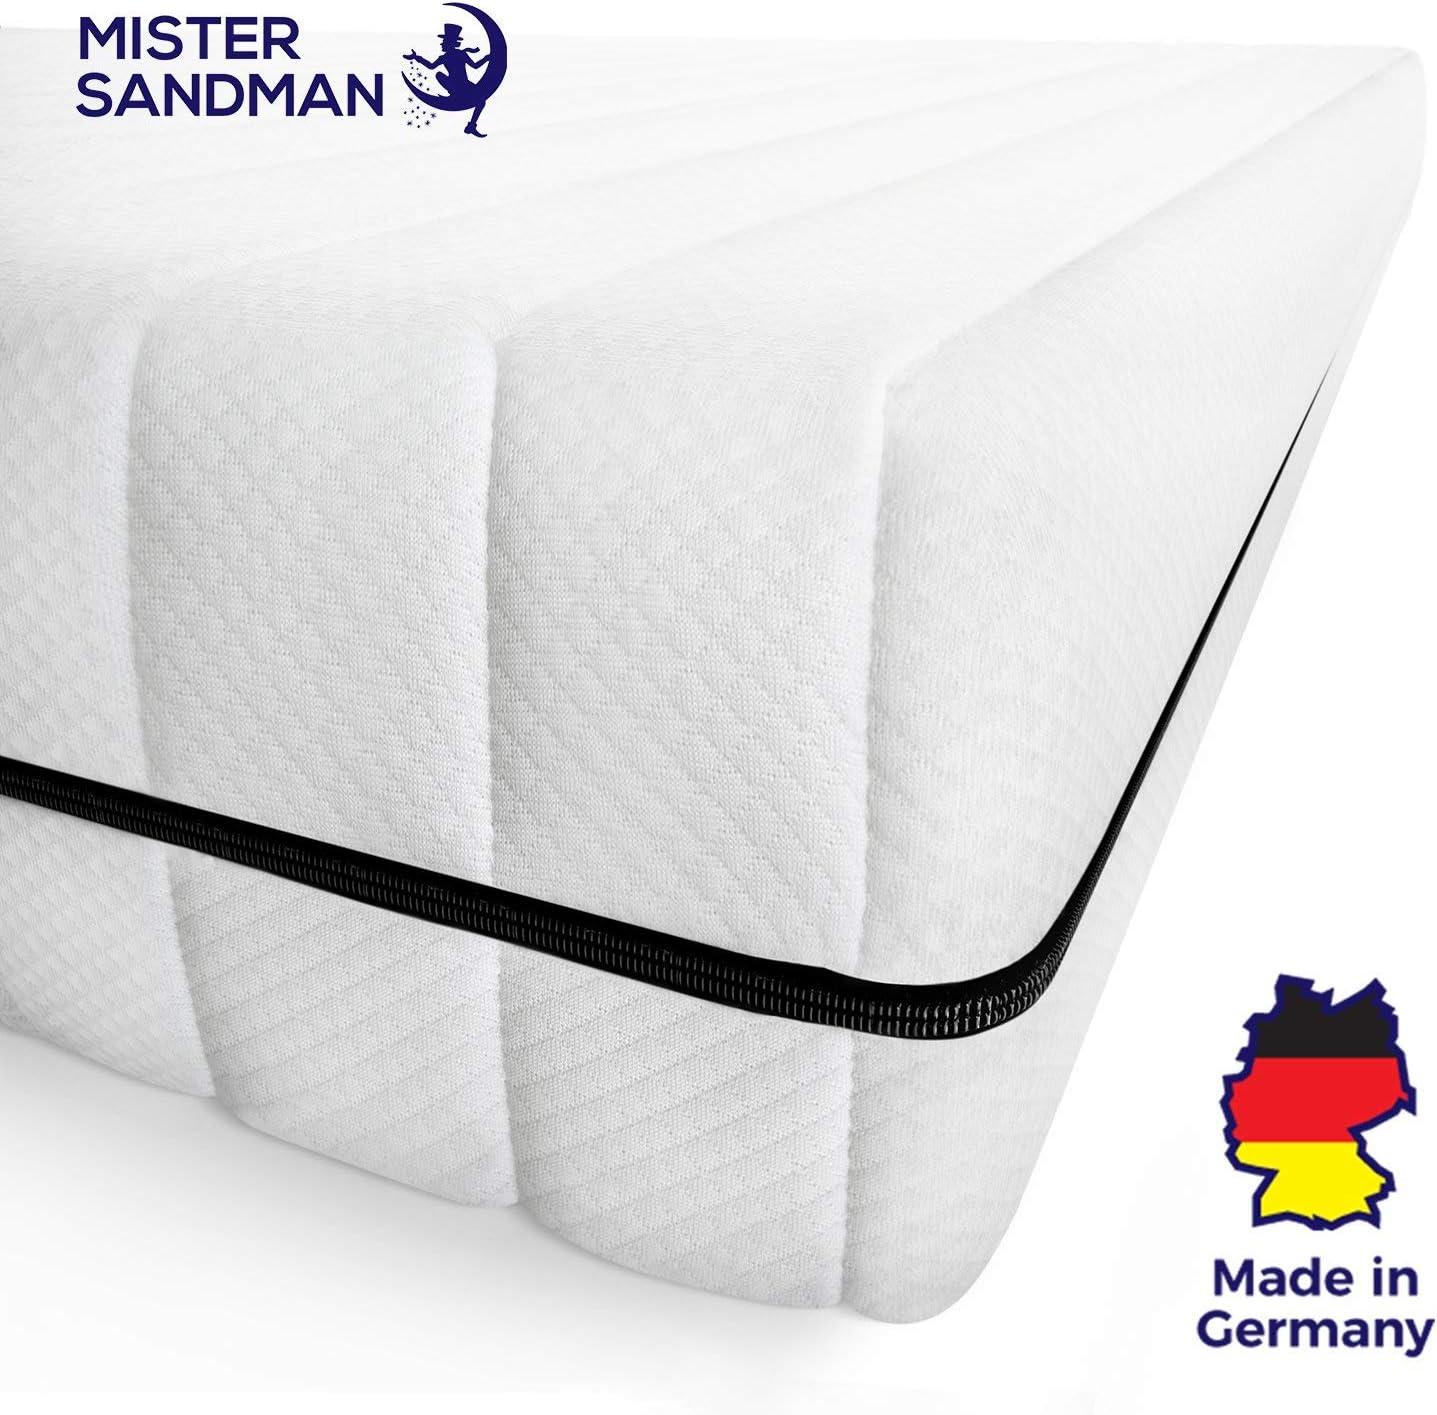 Hauteur 15 cm 60 x 120 cm, H2 - Microfibre Housse Lavable de qualit/é Oeko TEX Mister Sandman Matelas Mousse Confort 7 Zones pour Un Sommeil Tout lit//sommier